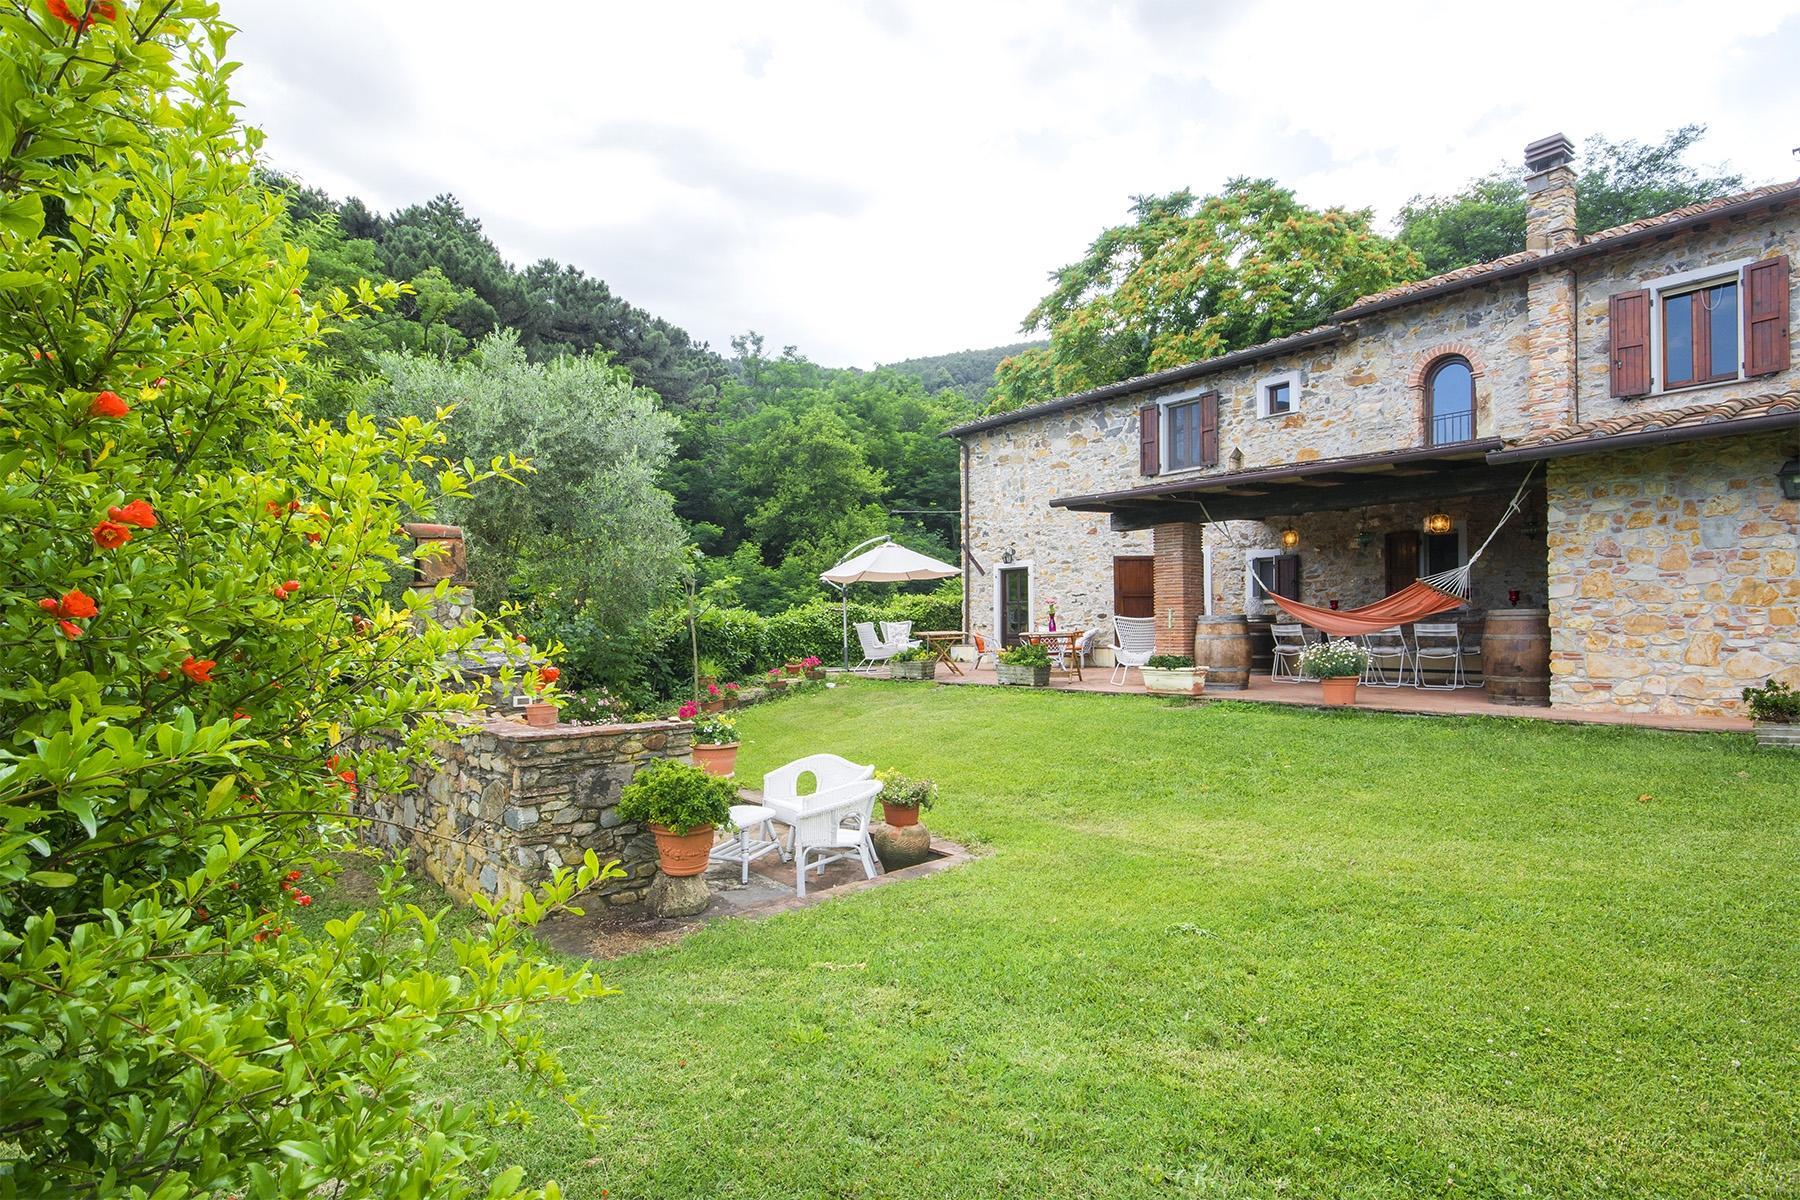 Wunderschönes Bauernhaus auf den Hügeln von Pisa - 2